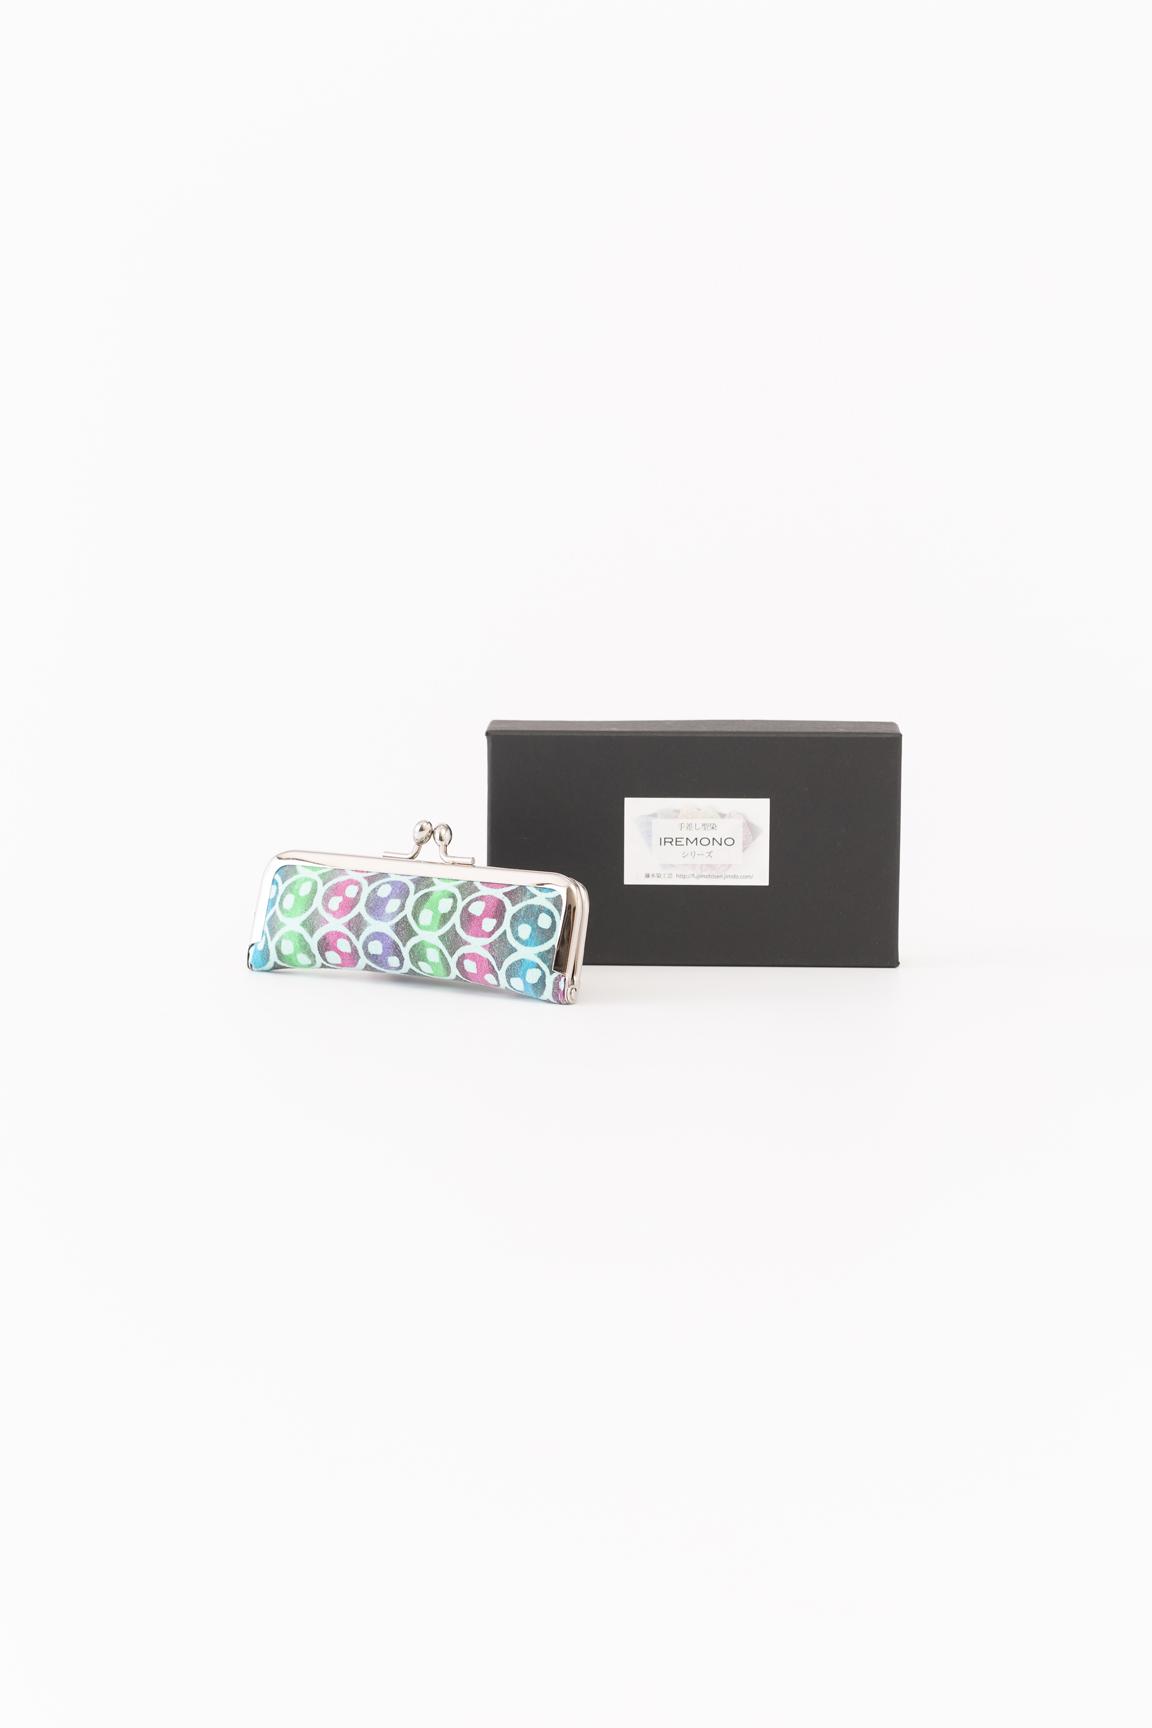 Lipstick case(blue)&box